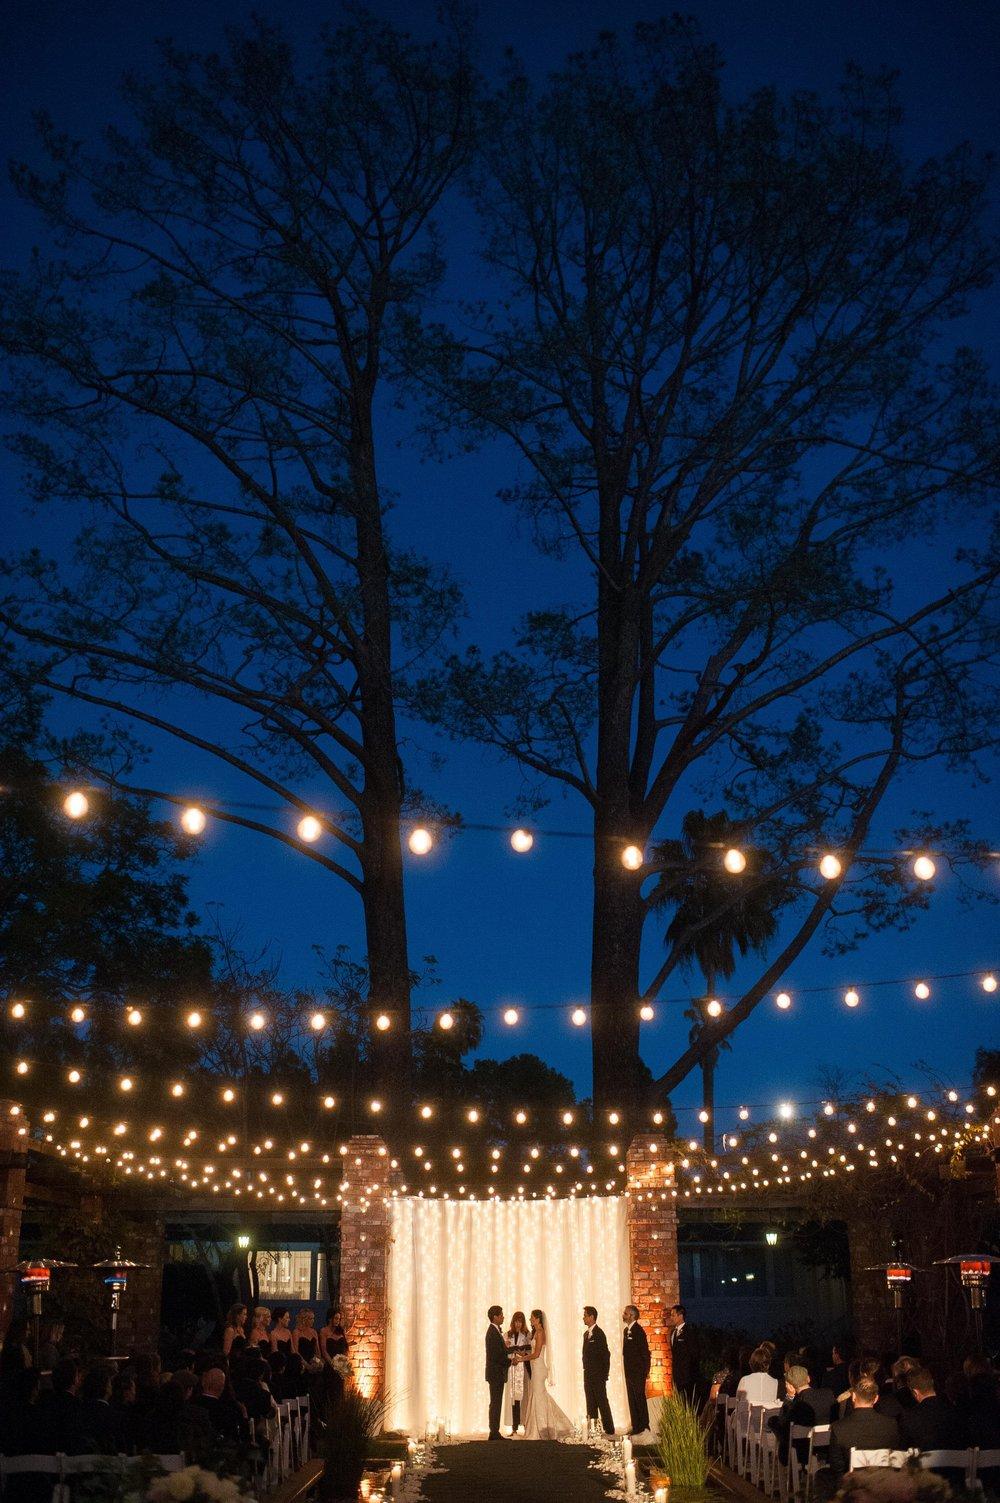 www.santabarbaraweddingstyle.com | Santa Barbara Wedding Style | Felici Events | El Encanto Wedding | Nate and Jenny Weddings | Bellavista Designs Lighting | Precious and Blooming | Wedding Ceremony